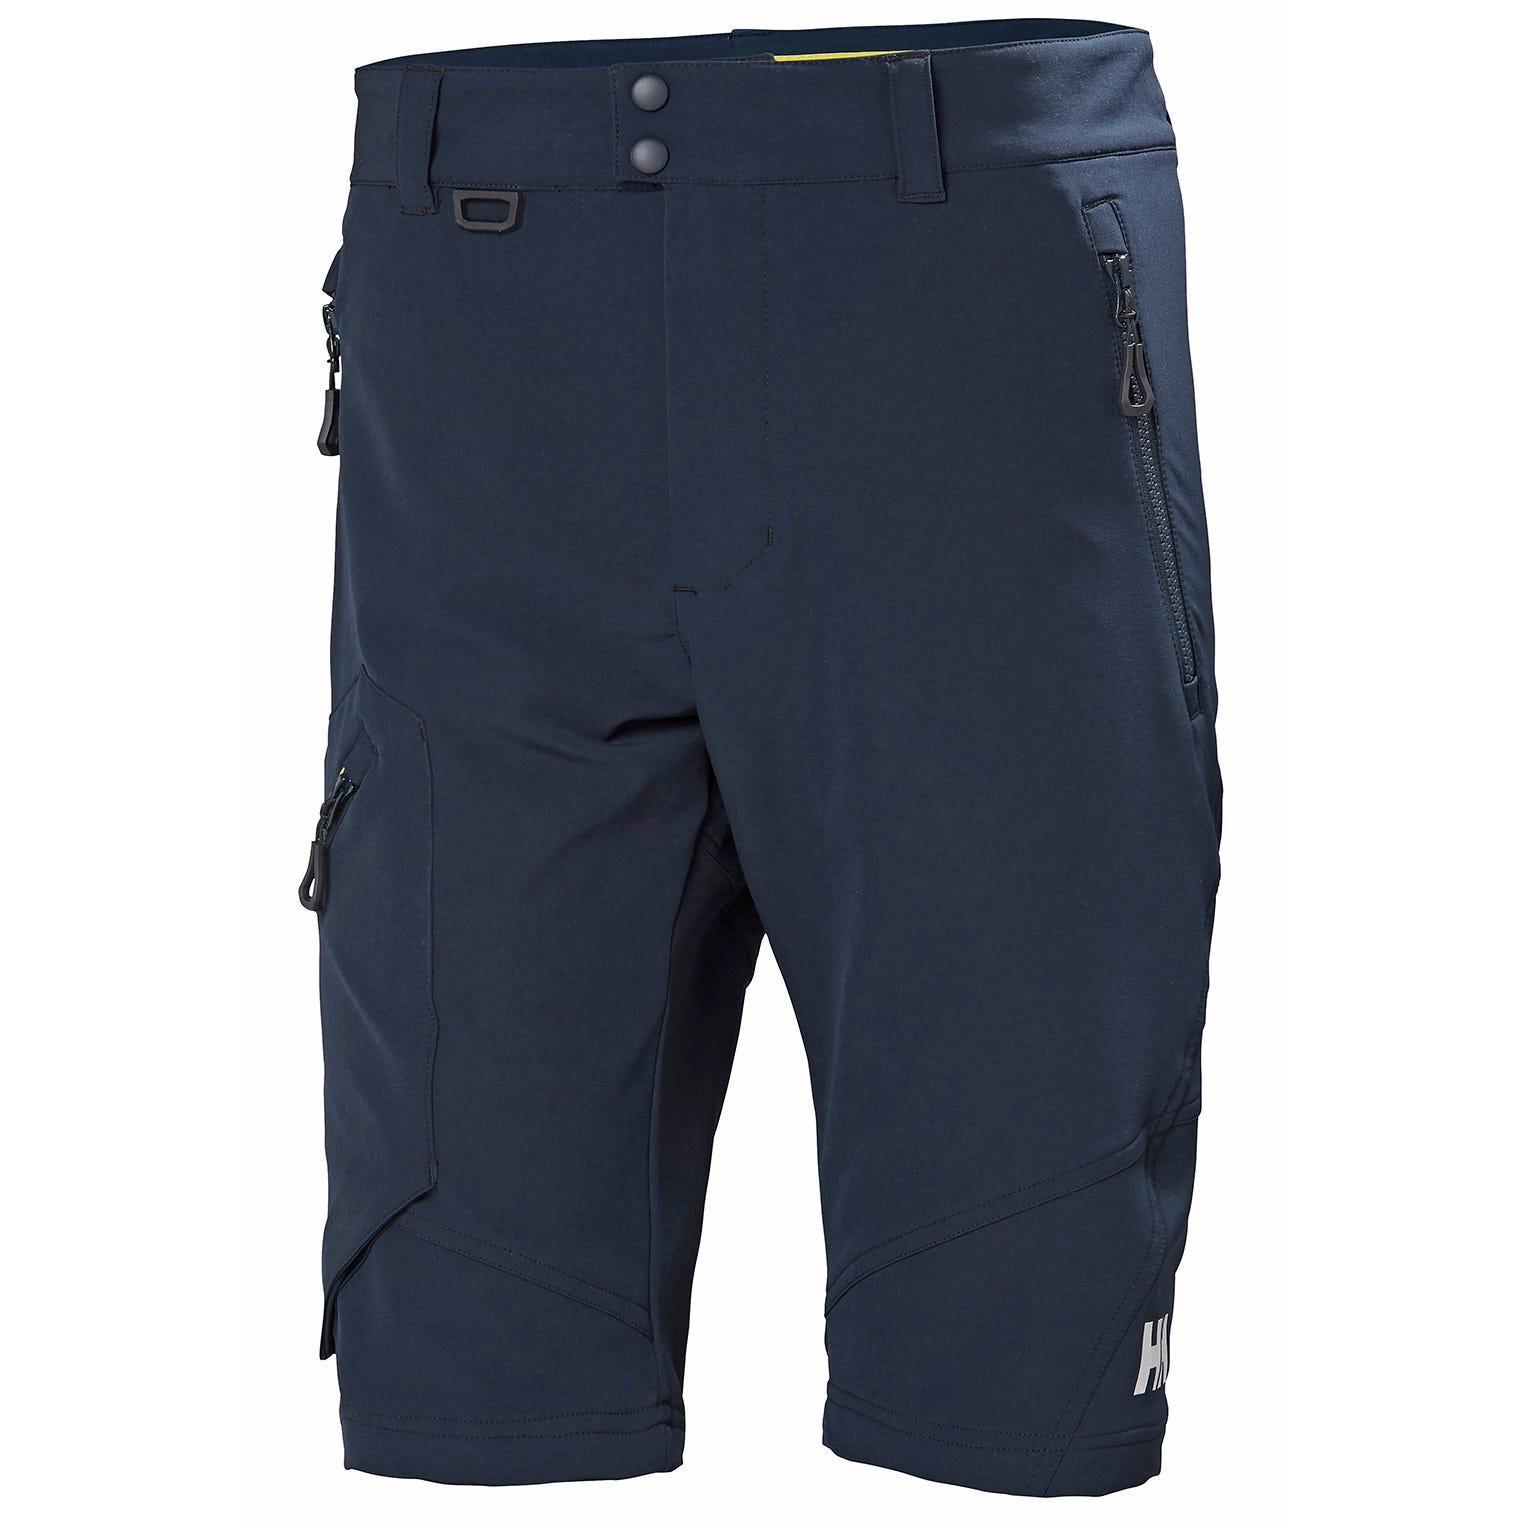 Helly Hansen Hp Softshell Shorts Mens Sailing Pant Navy S